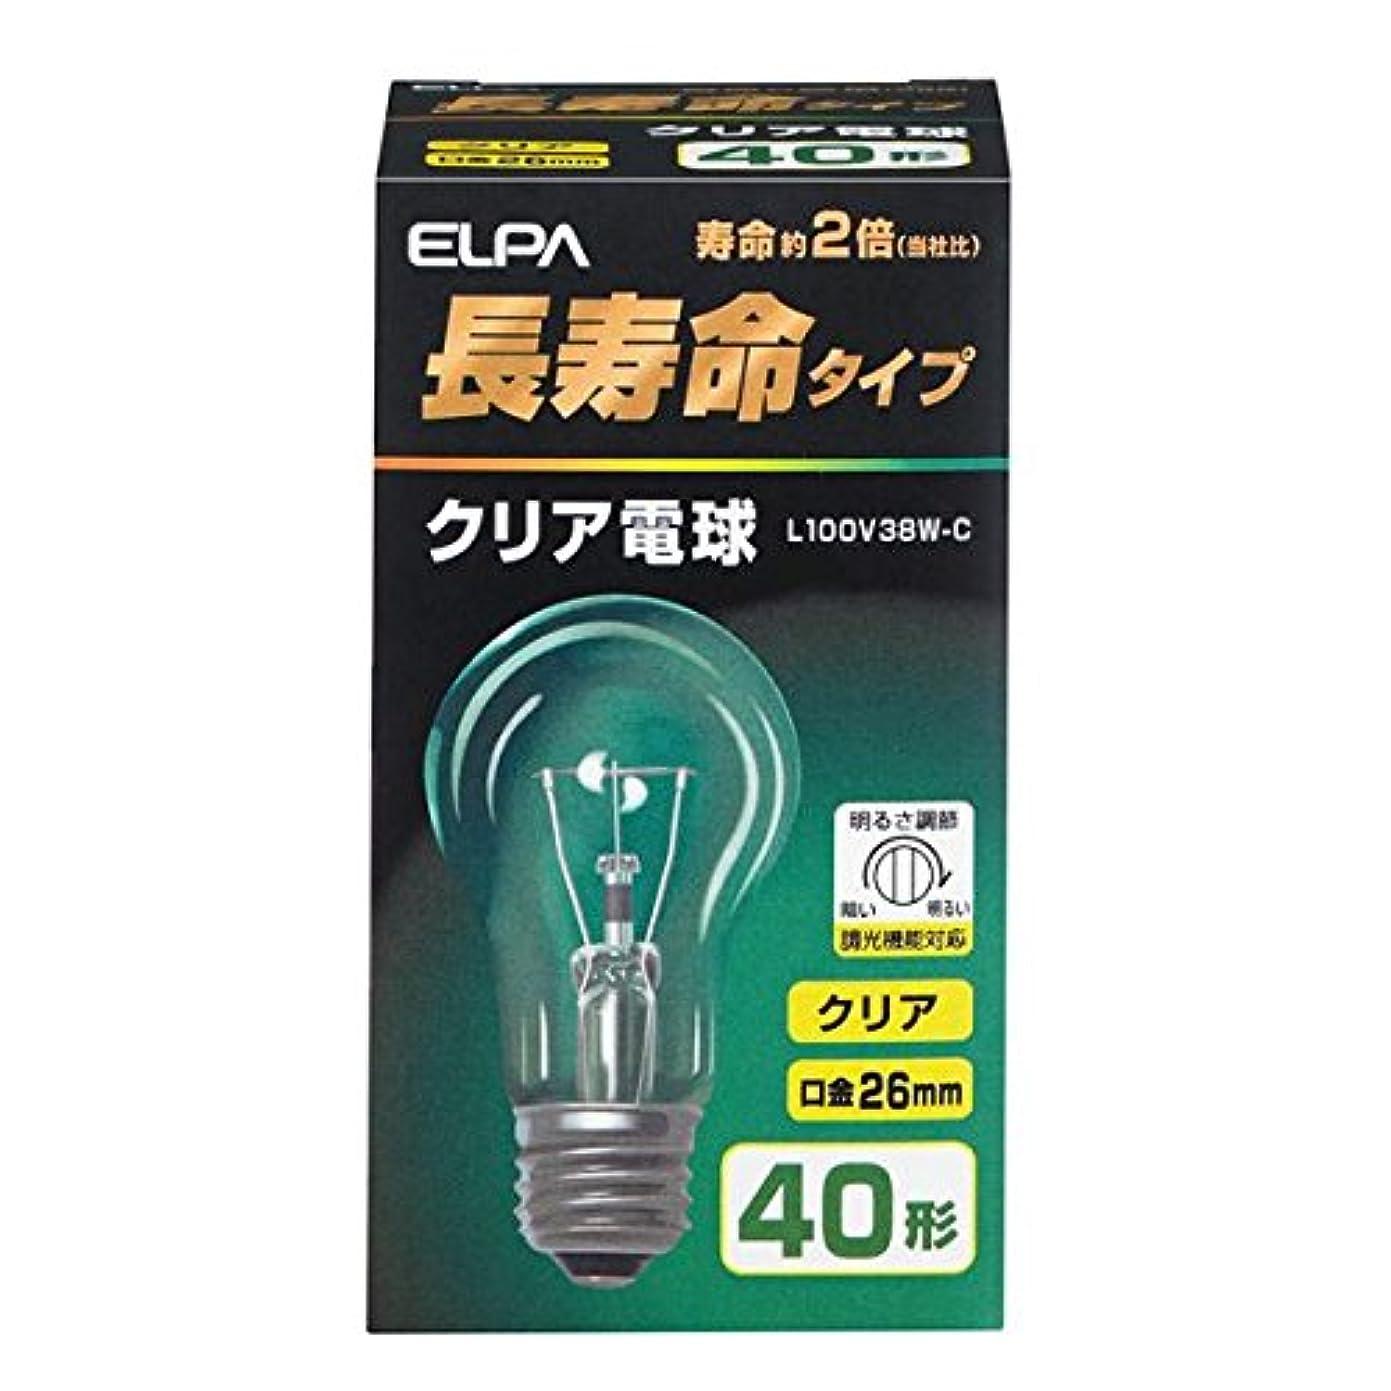 バルセロナ排気秘密の朝日電器 (業務用セット) ELPA 長寿命クリア電球 40W形 E26 L100V38W-C (×35セット)